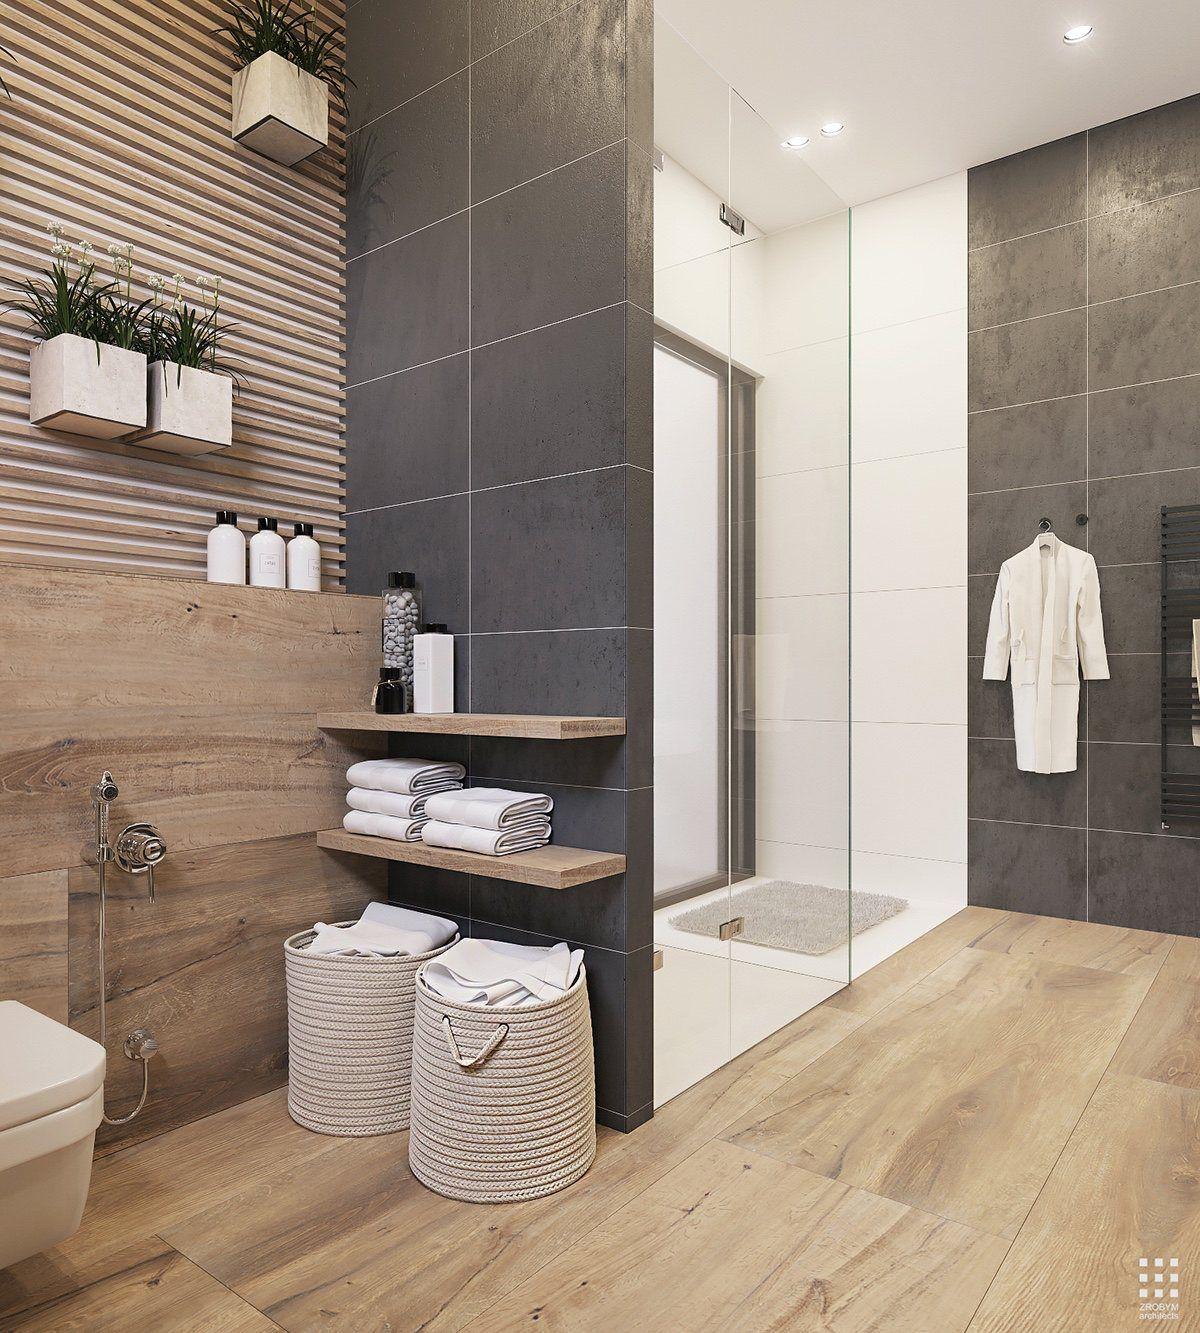 Salle De Bain Revetement idées déco] décorer sa salle de bain avec du bois | cocon